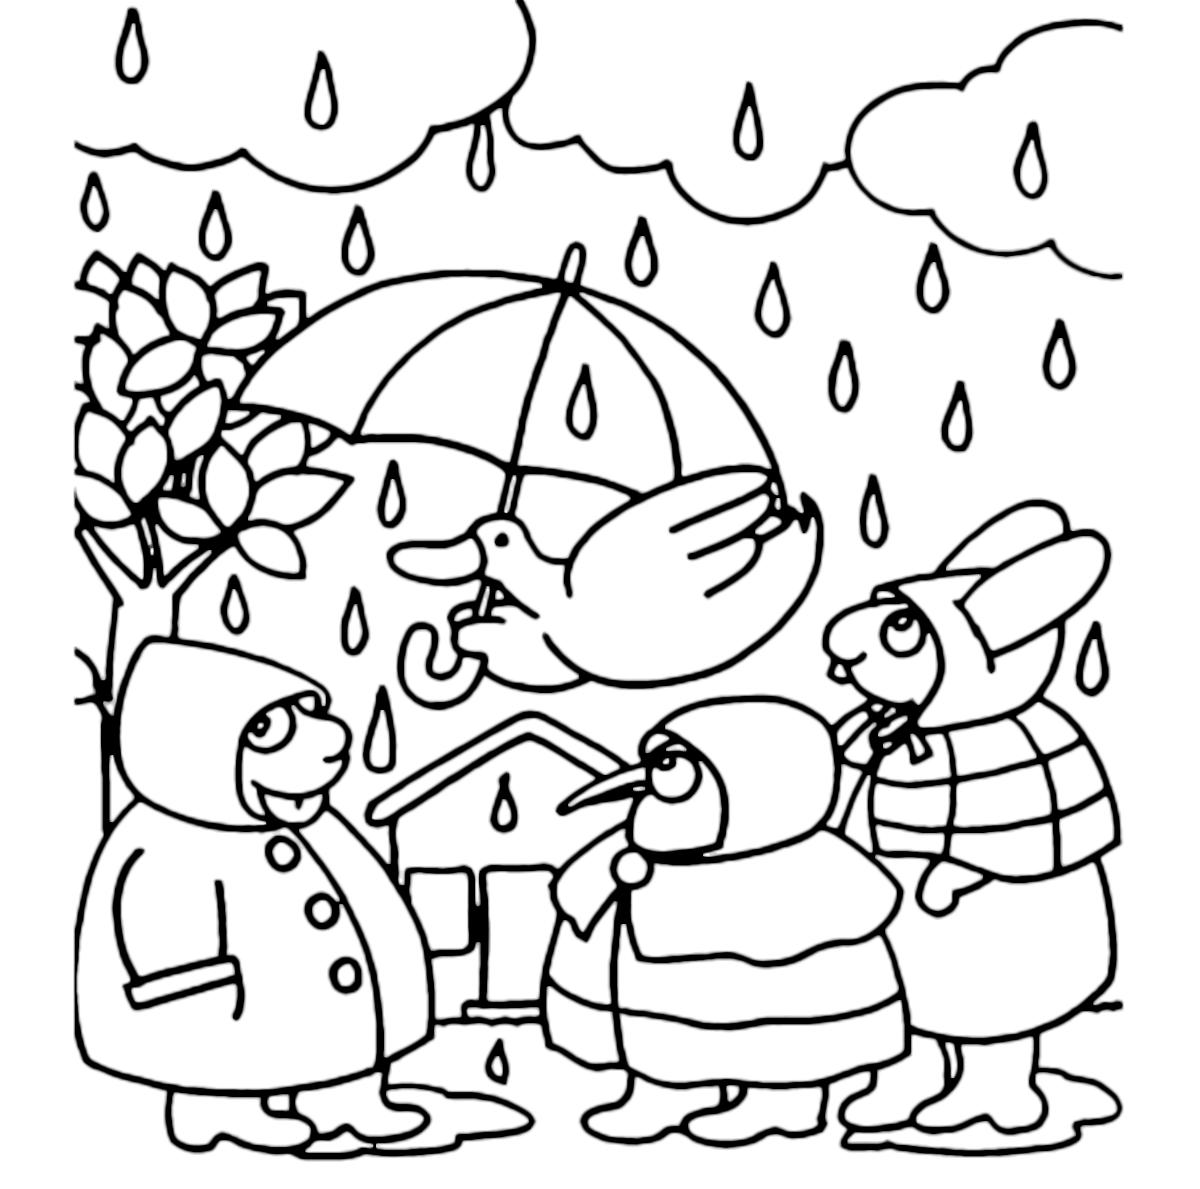 La pimpa la pimpa e i suoi amici con l 39 ombrello sotto la for Pimpa da stampare e colorare